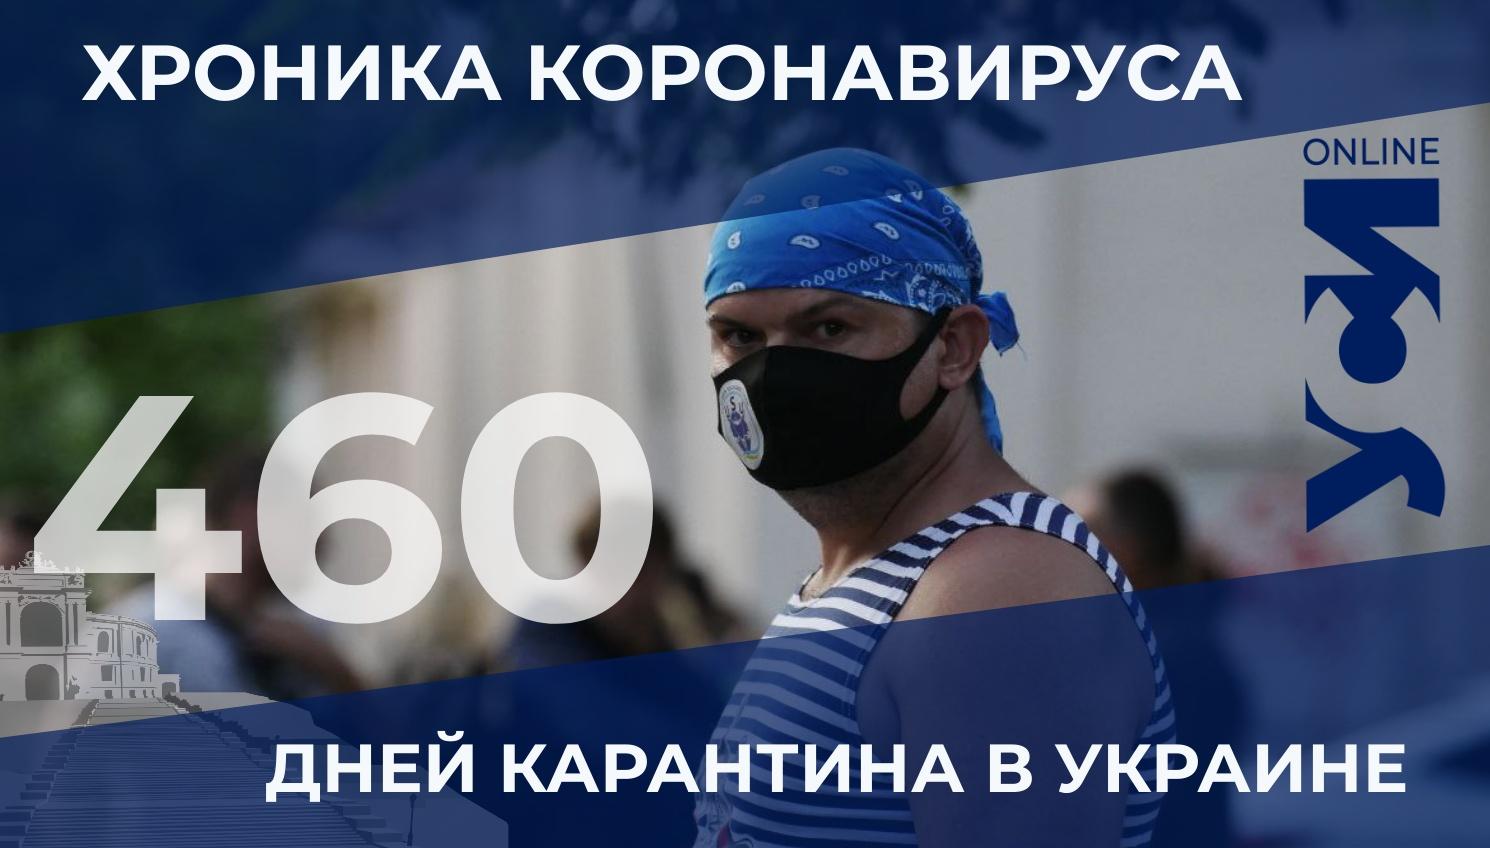 Хроника COVID-19: в Одесской области — 13 новых заболевших «фото»